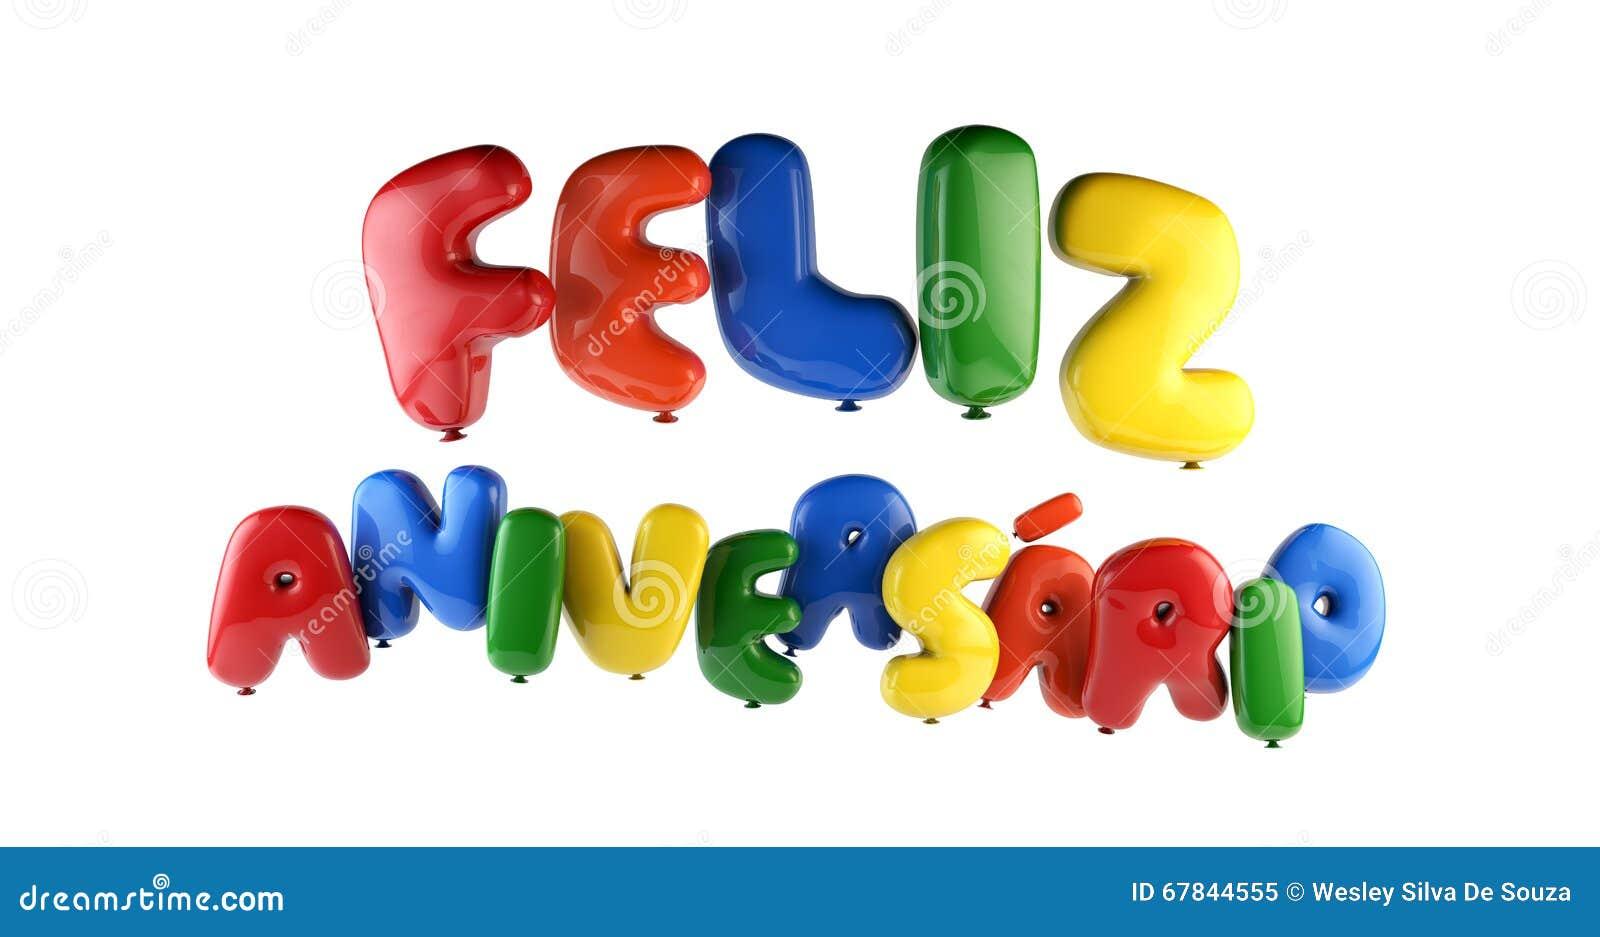 Feliz Cumpleanos En Portuguese: Feliz Aniversario Portuguese Happy Birthday